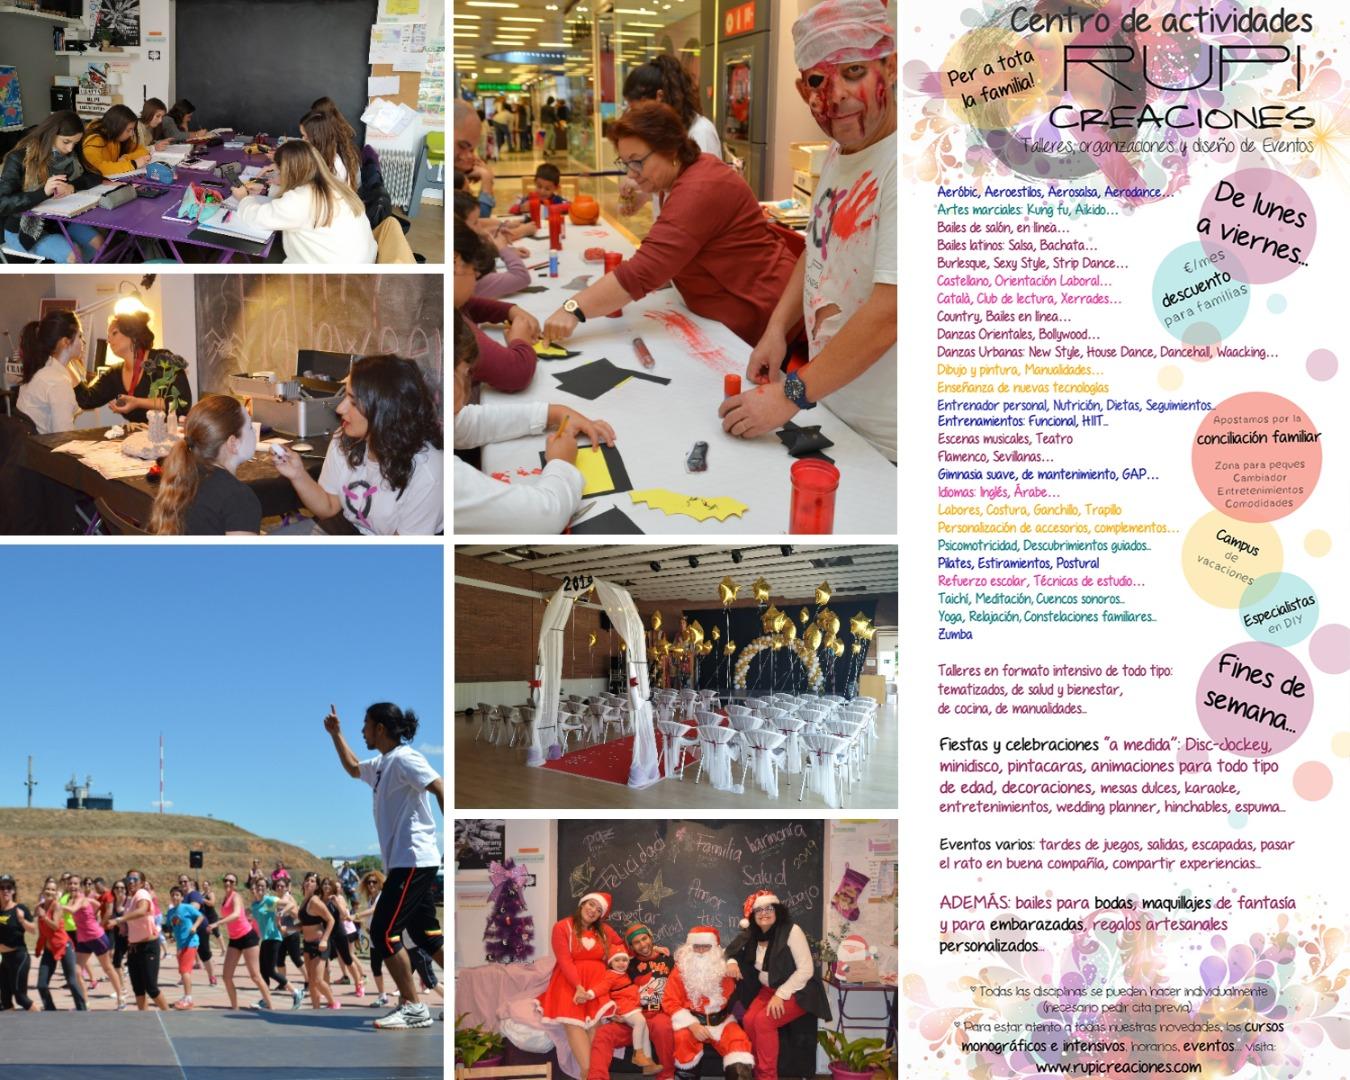 Catálogo de actividades Rupi Creaciones